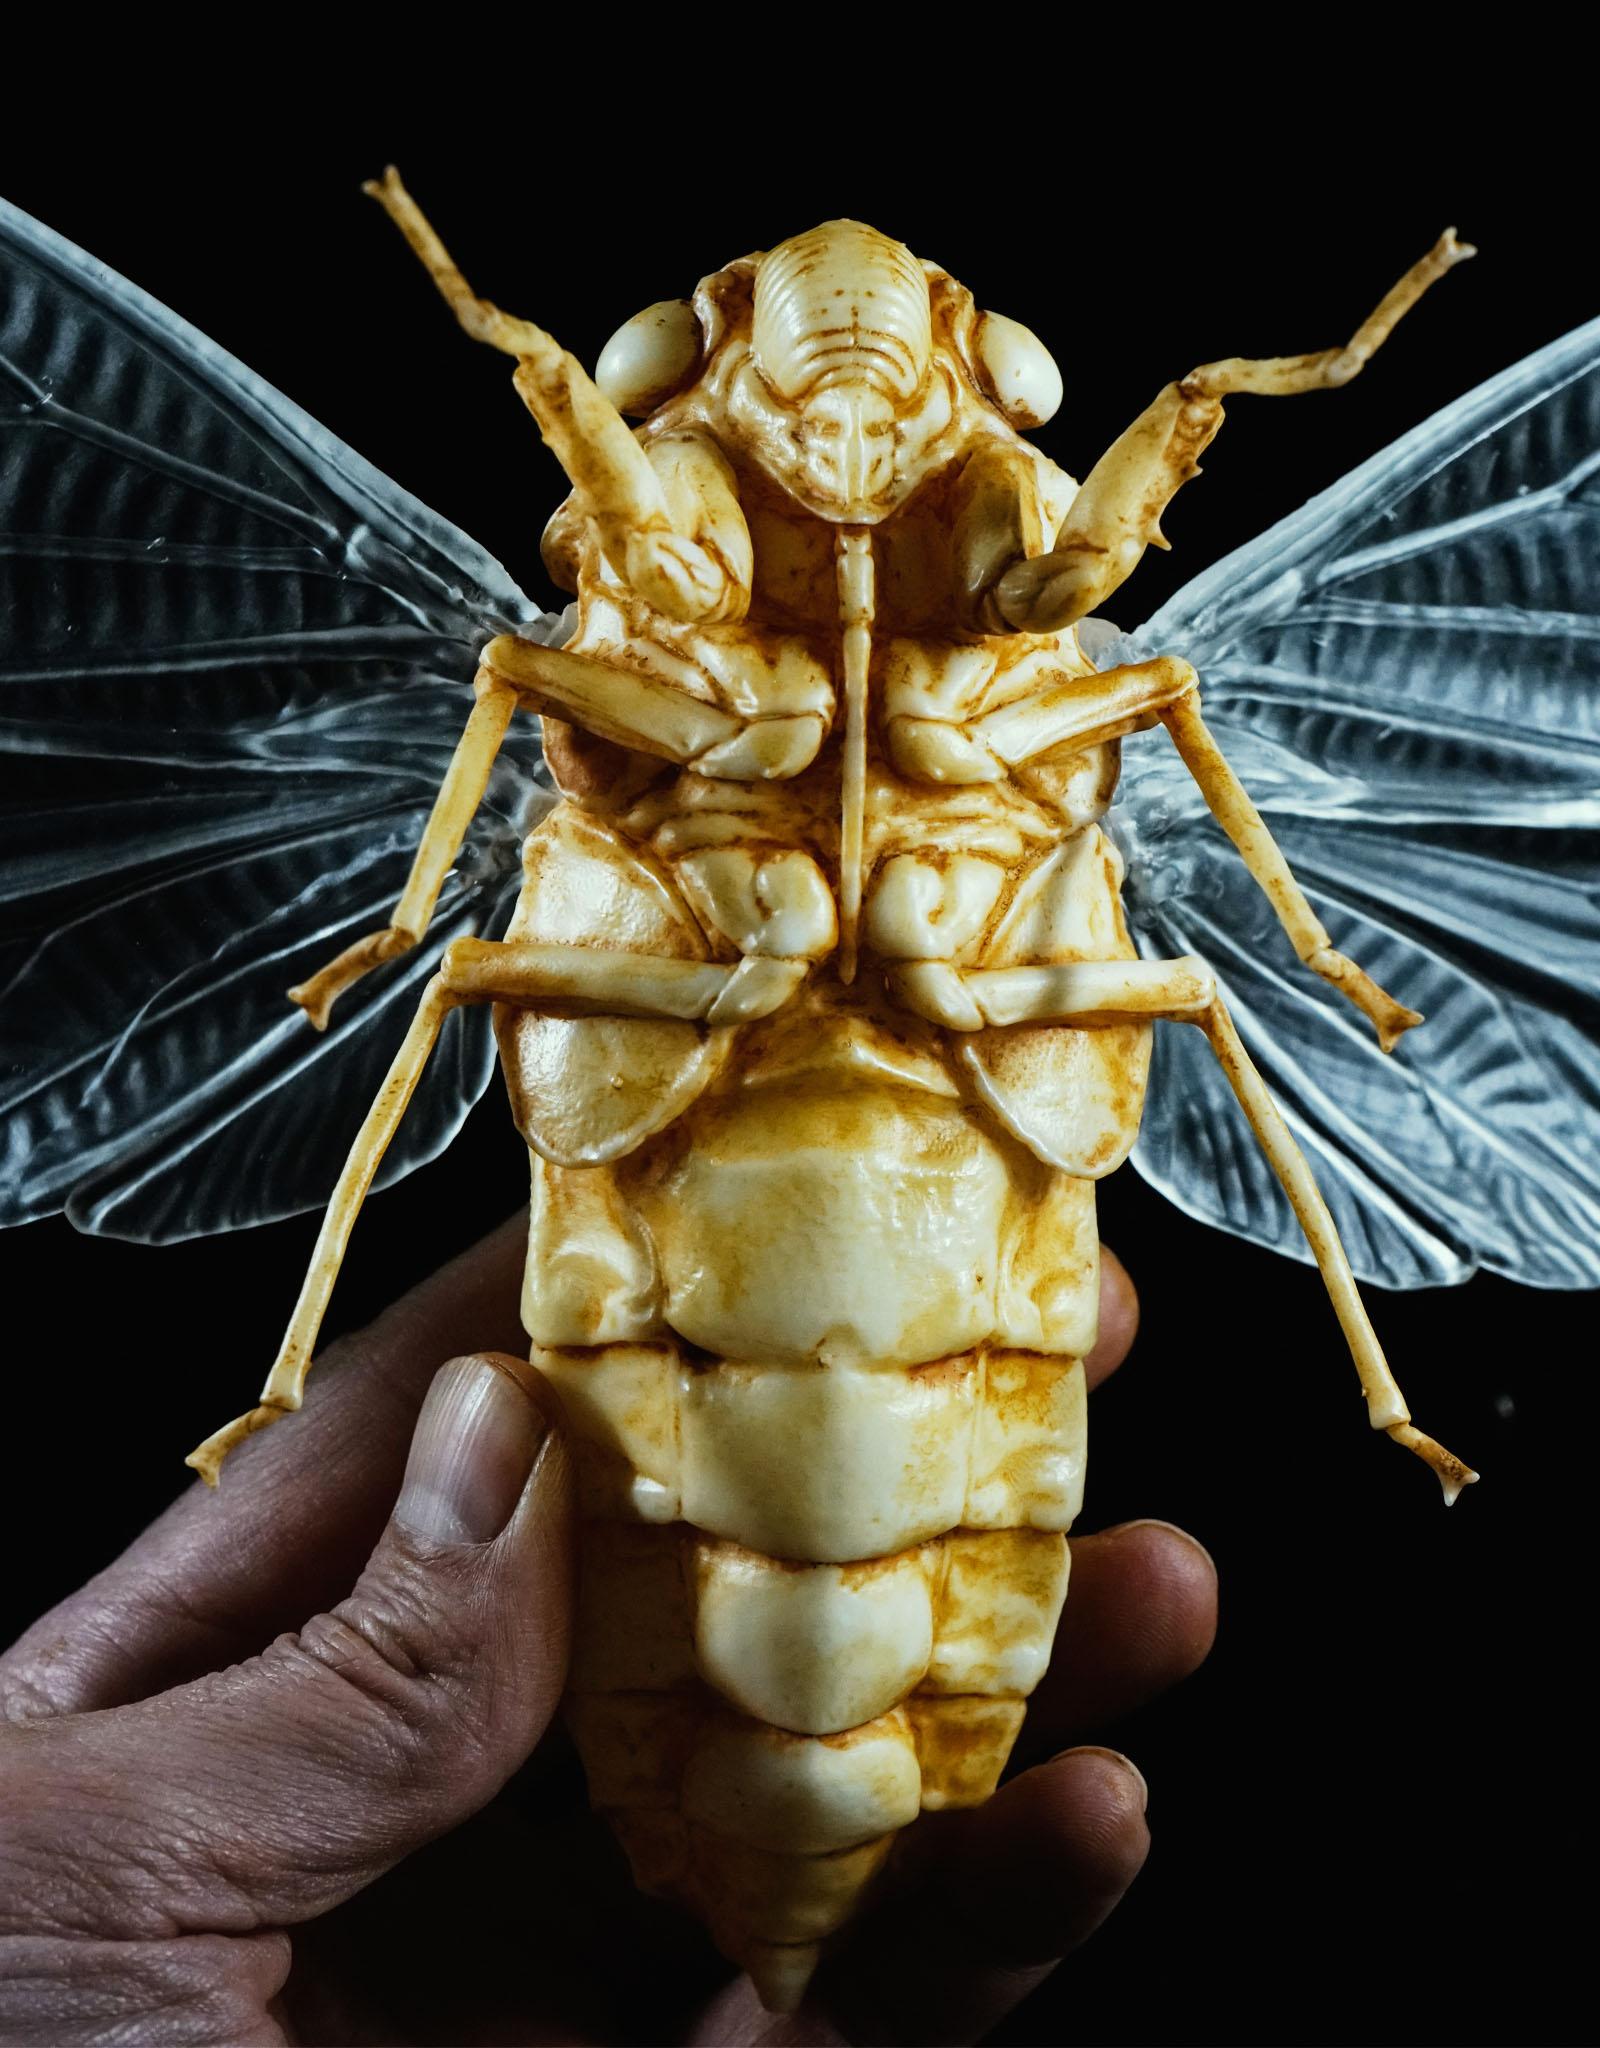 cicada_001.jpg